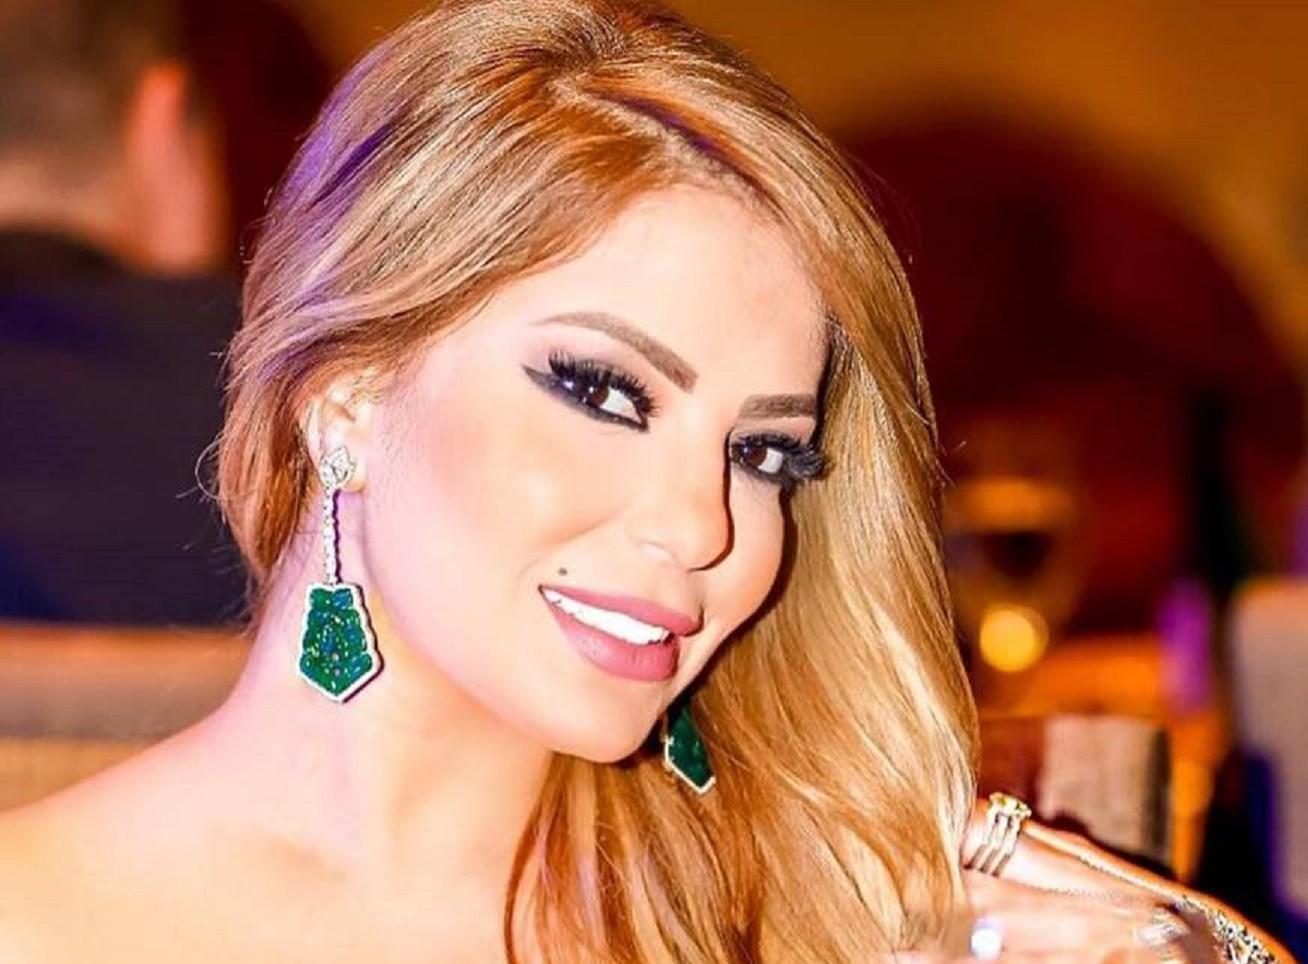 ليليا الأطرش متصالحة مع نفسها وترد على منتقدي شكلها - بالفيديو